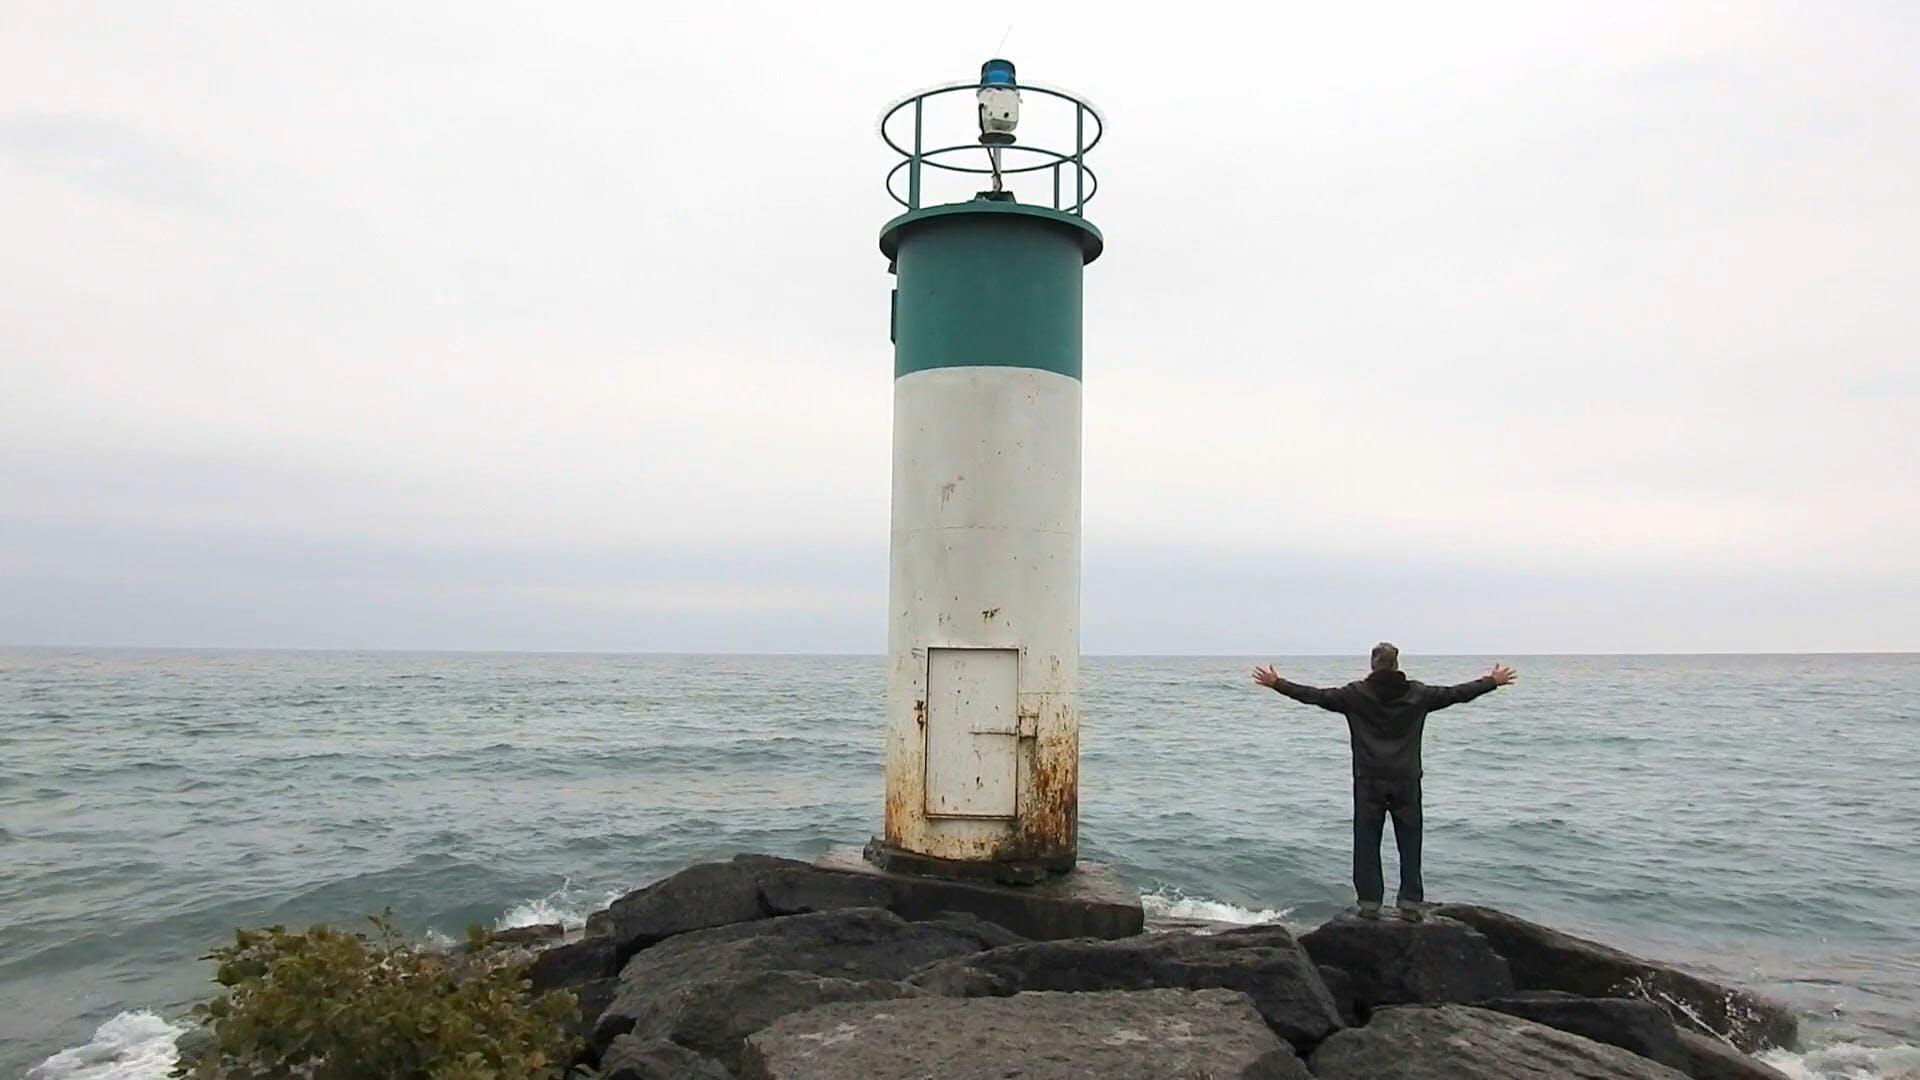 Man Enjoying The Waves Crashing